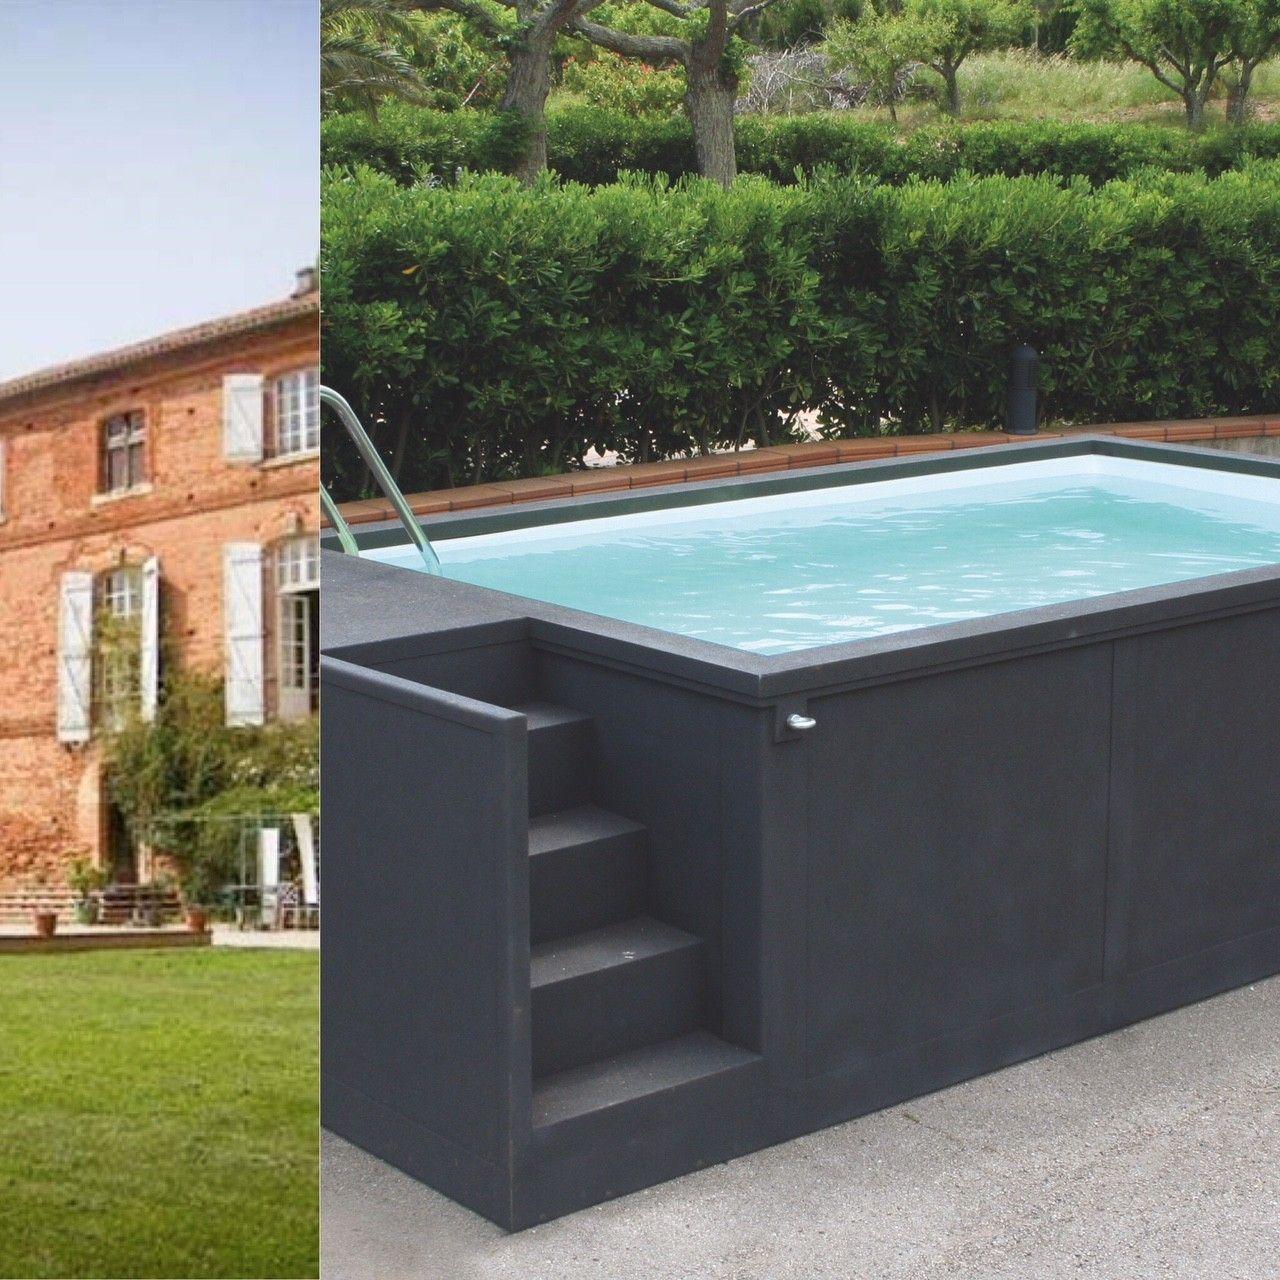 container piscine 5m25x2m55x1m26